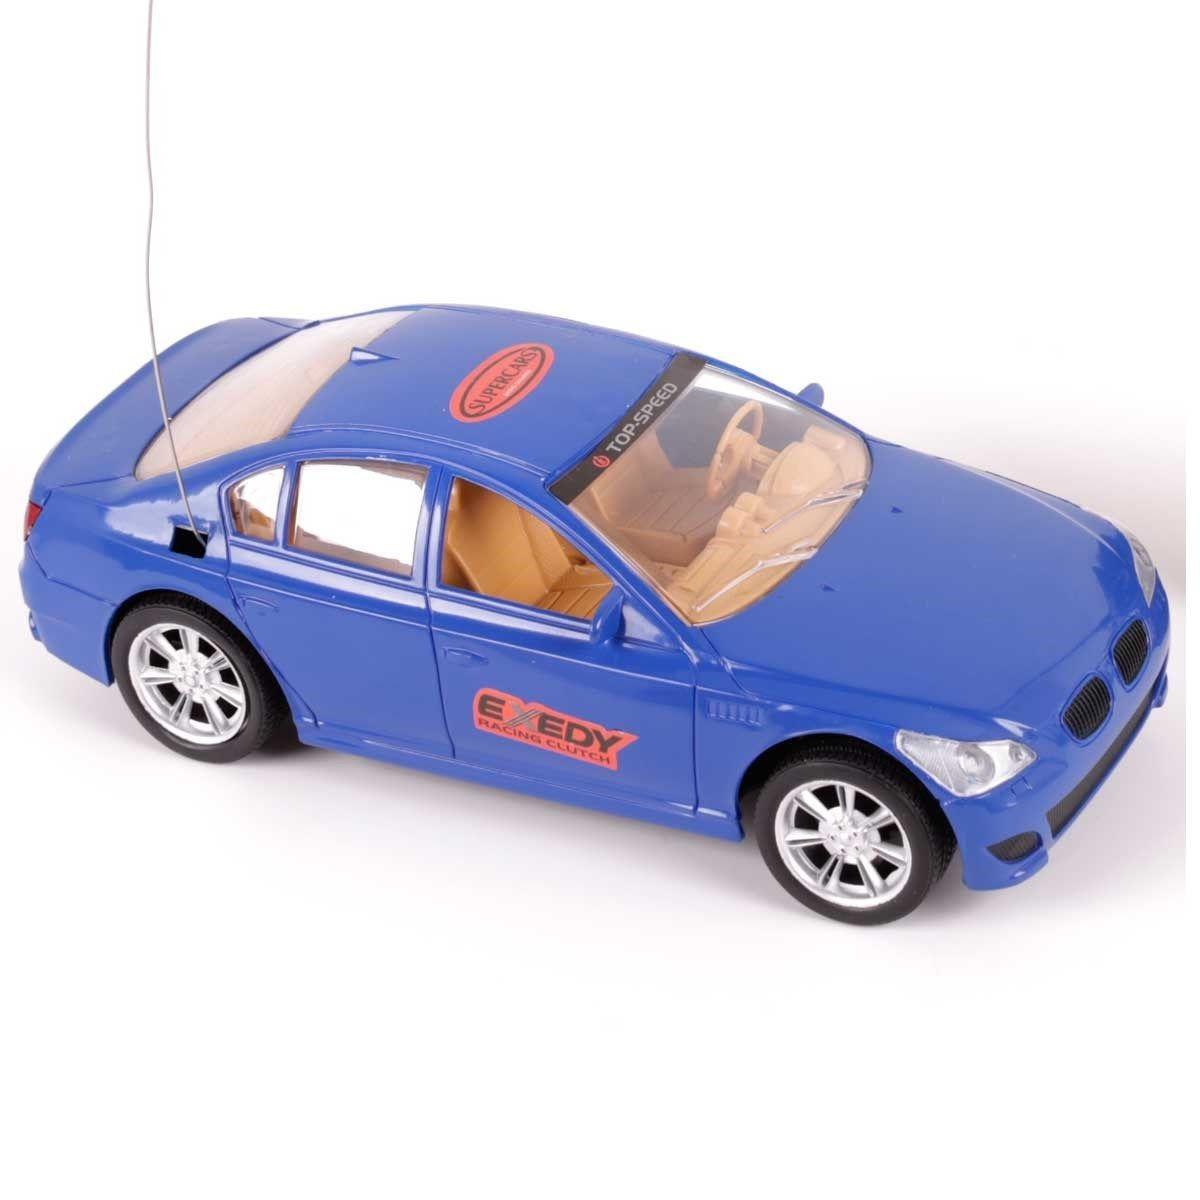 Carro de Controle Remoto Estrela Supremus Nitro 7 Funções